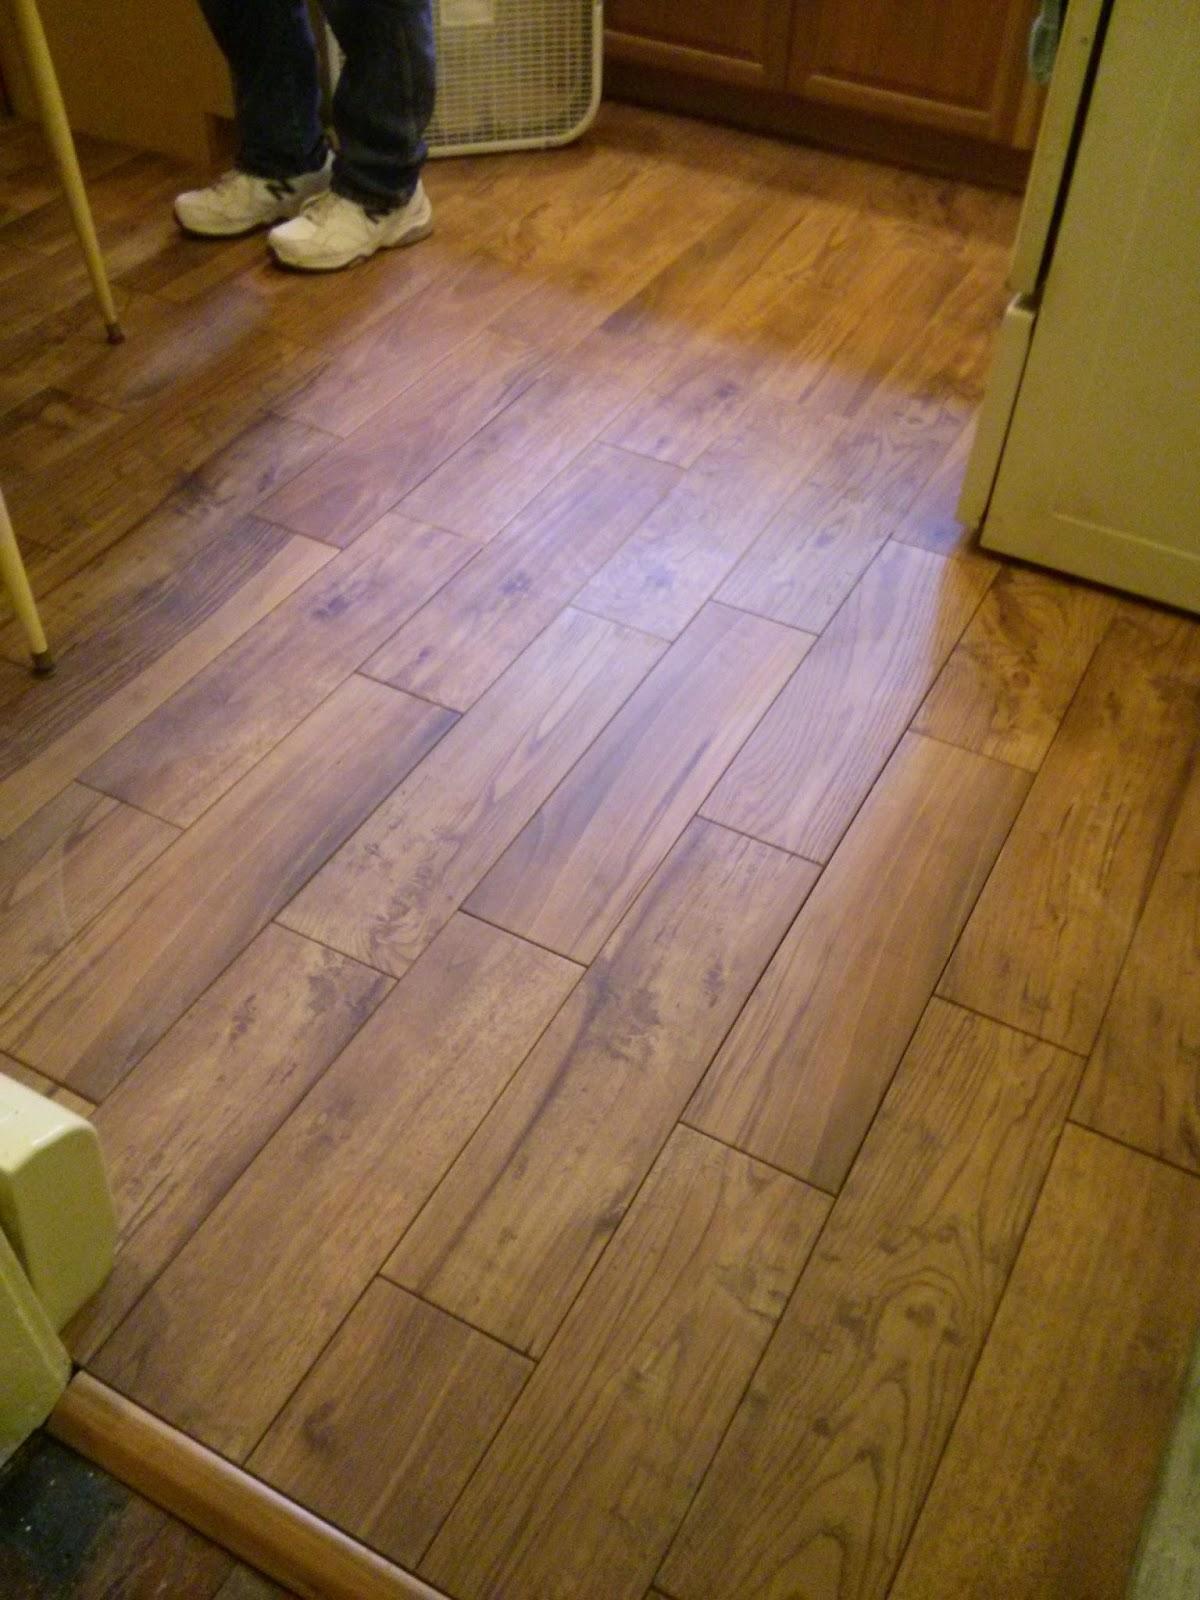 Installing porcelain tile on wood floor